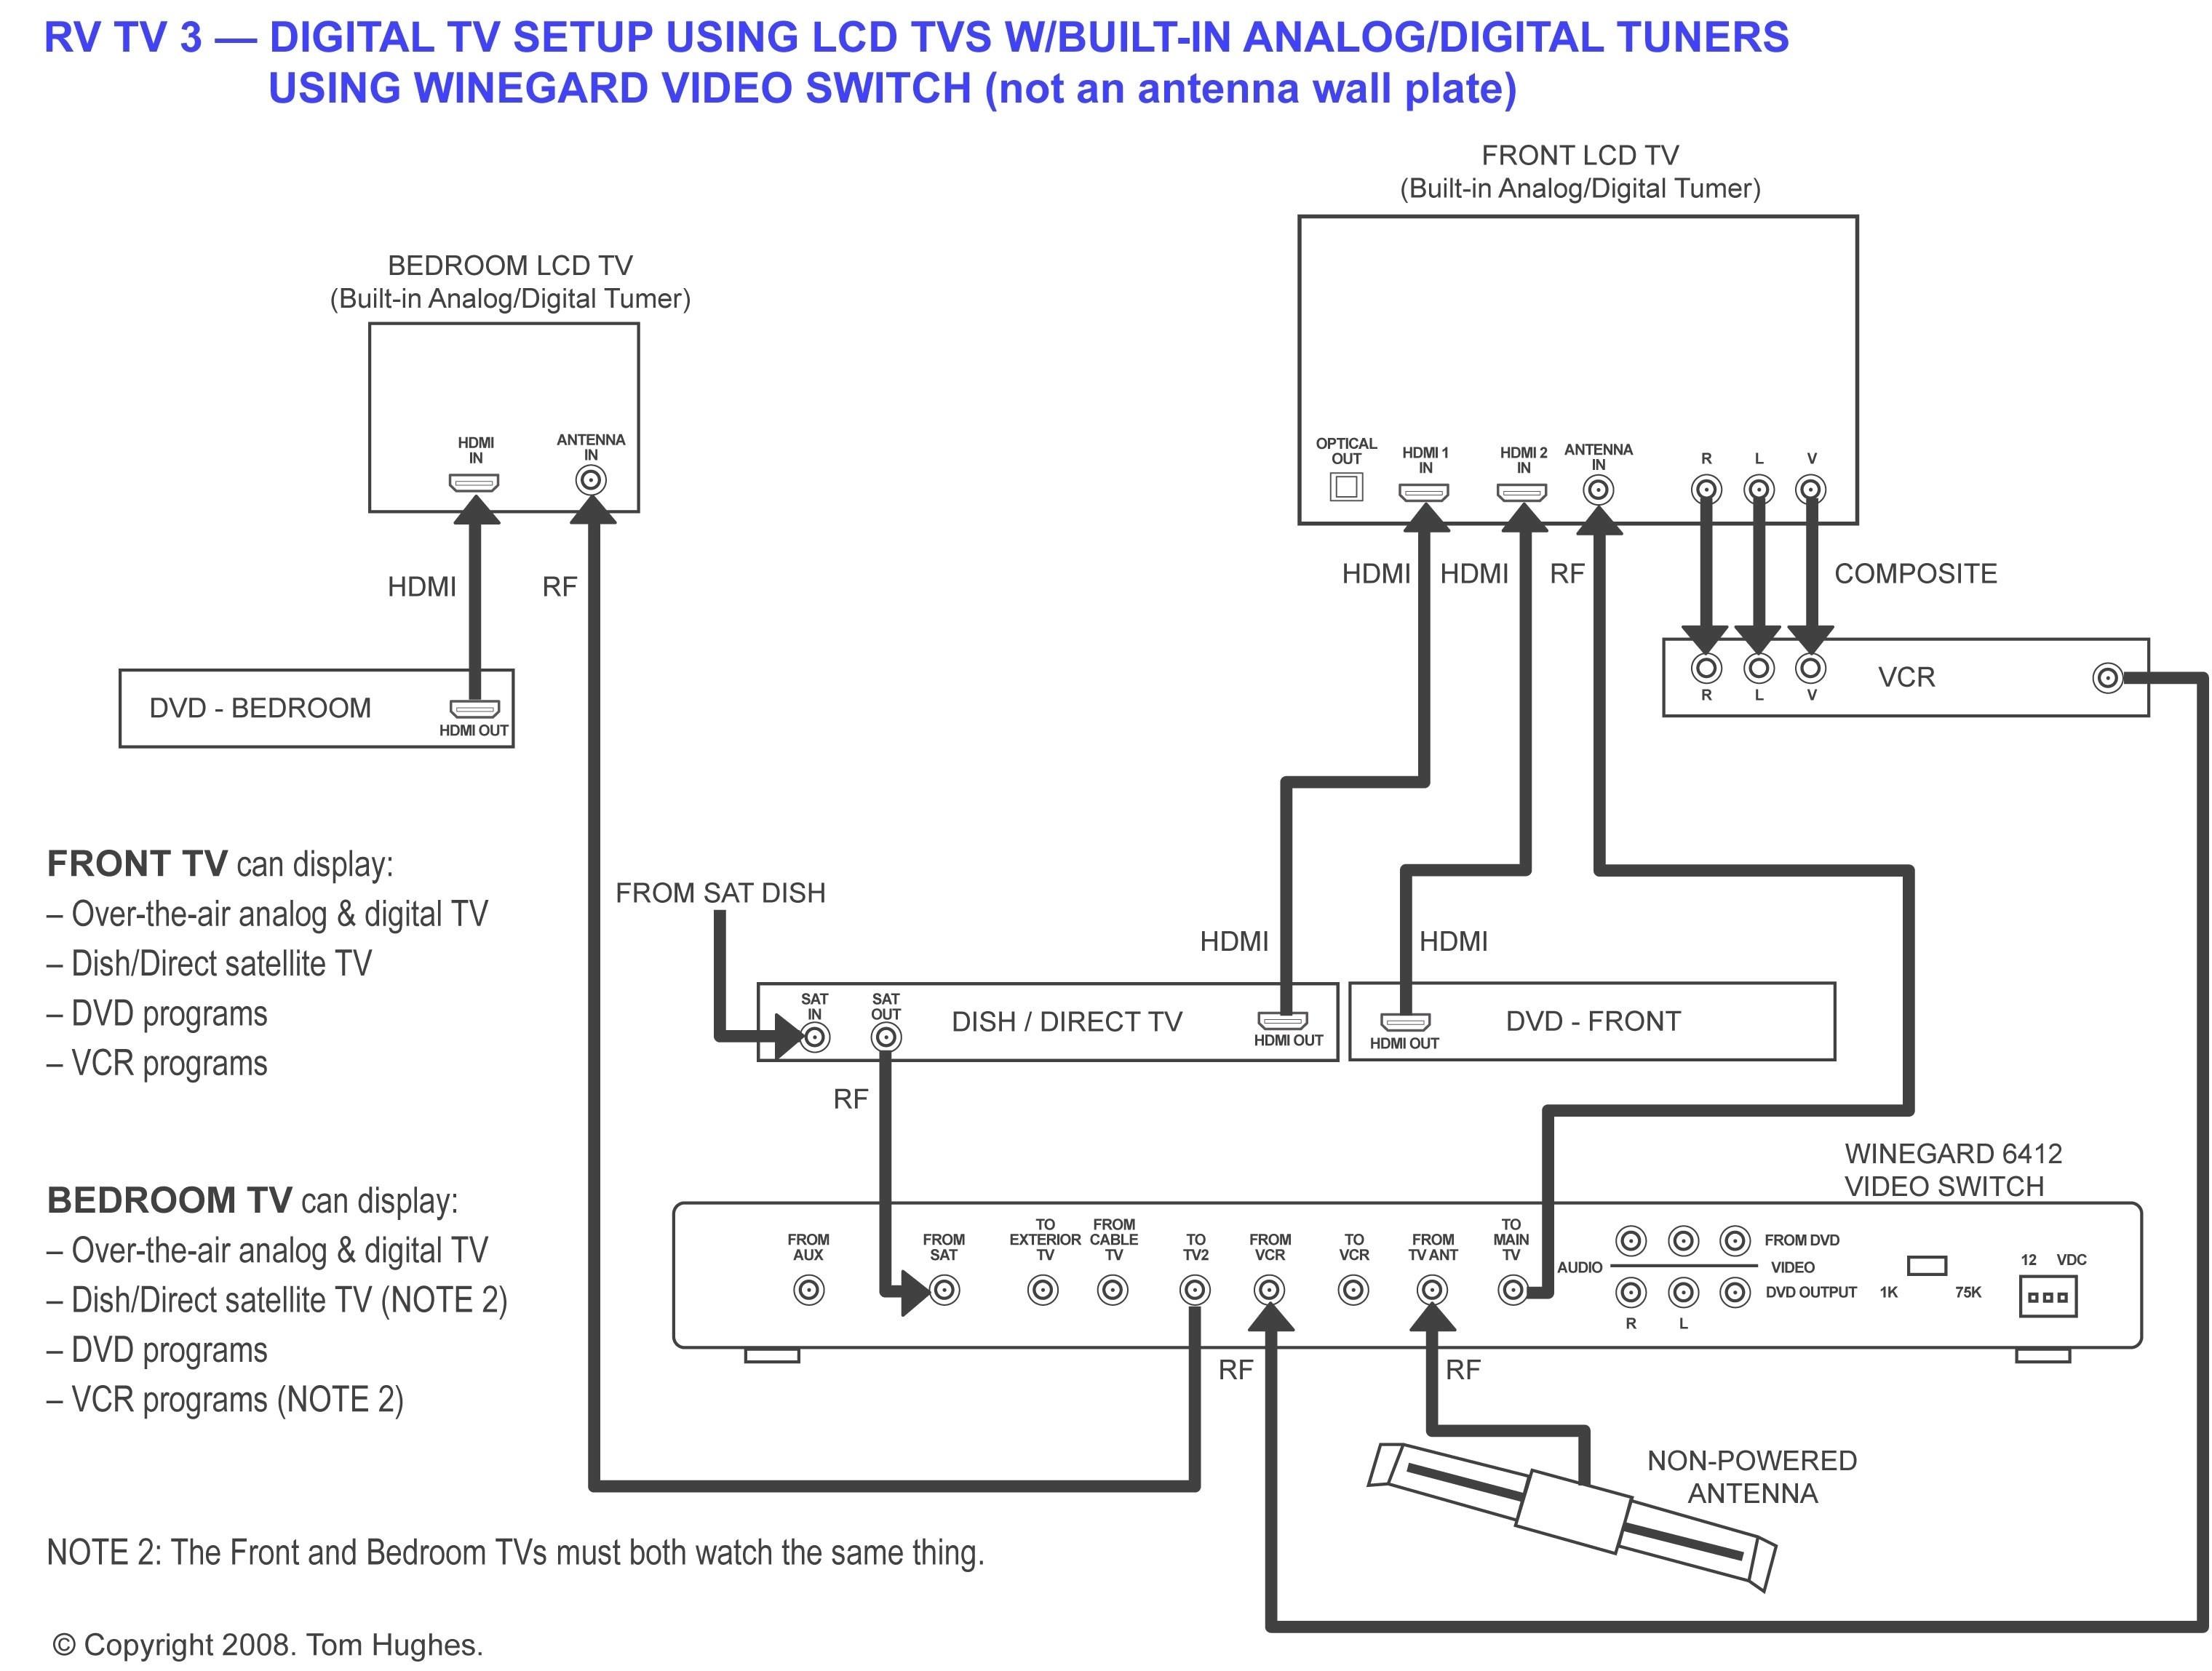 directv genie wiring diagram Download-Wiring Diagram for Direct Tv Best Wiring Diagram for Direct Tv Directv Genie Best Health Shop 7-l